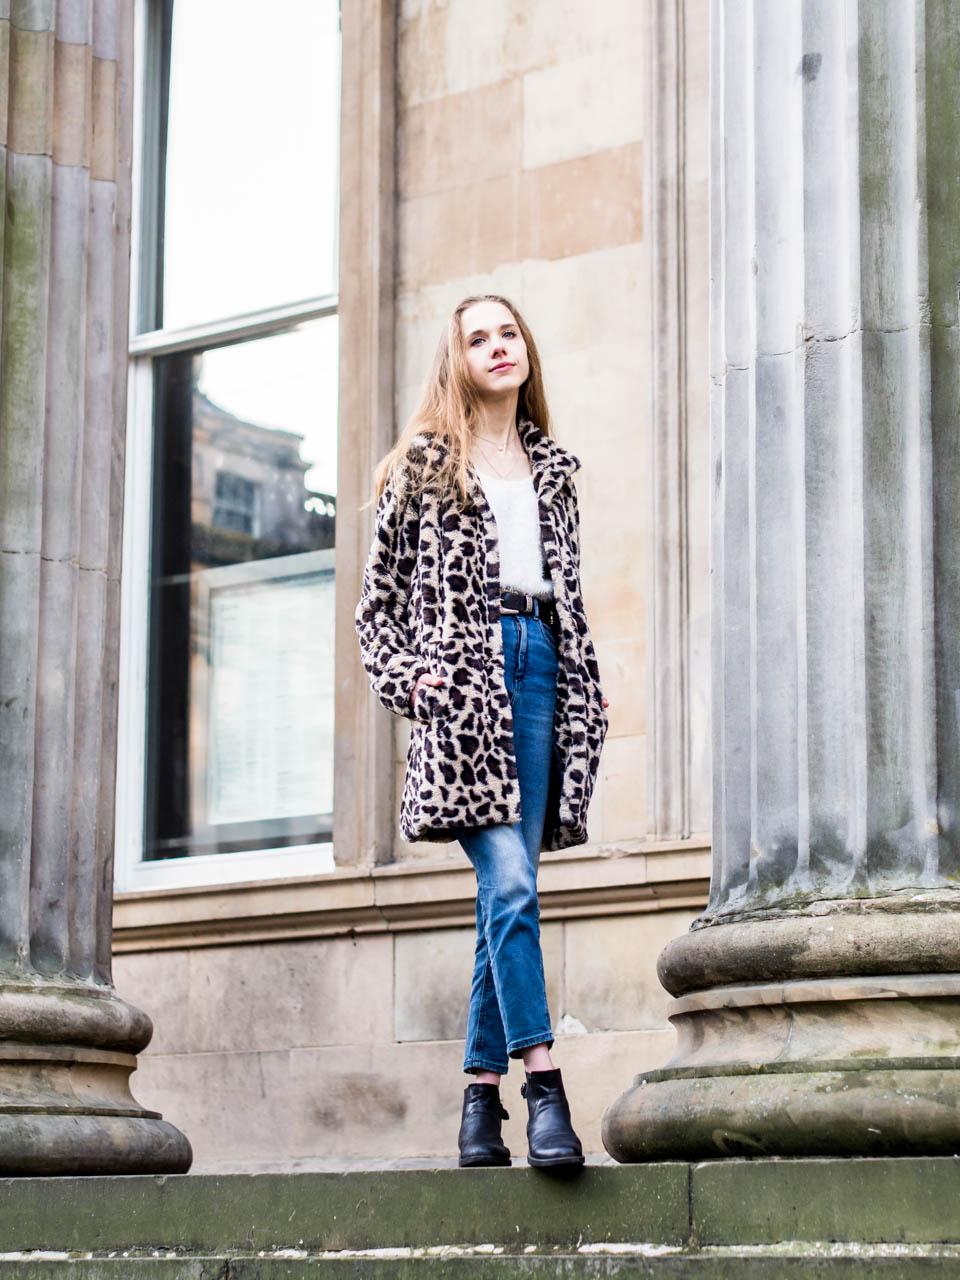 How to style leopard print: coat, skirt and blouse - Kuinka pukeutua leopardikuosiin: takki, hame ja paita